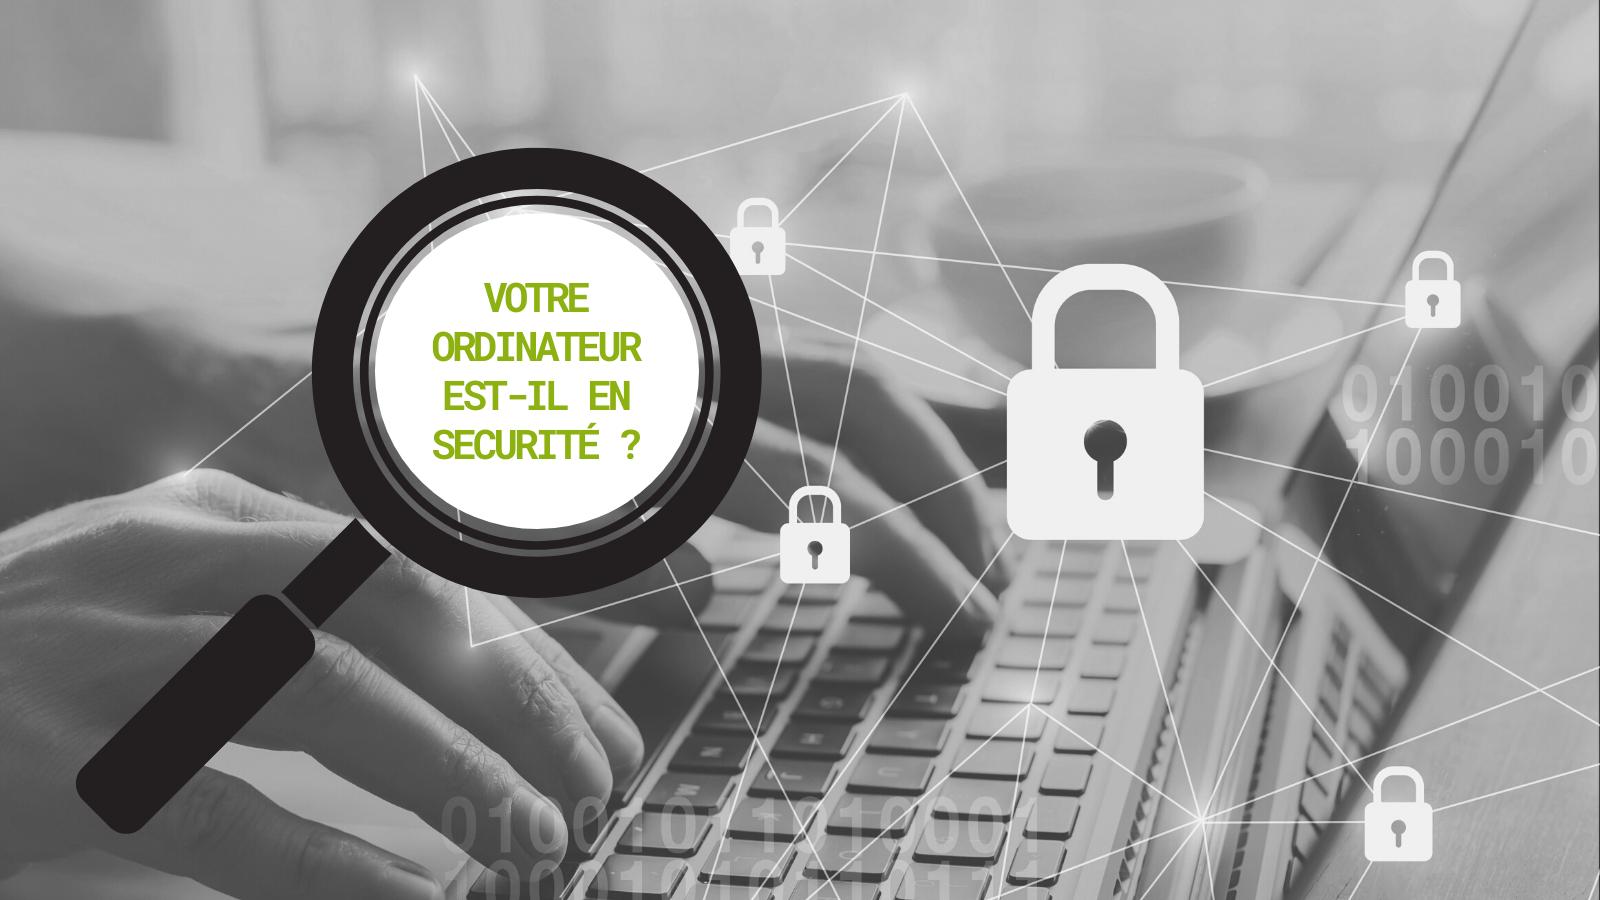 Luttez contre les failles de votre ordinateur grâce à l'audit de sécurité informatique